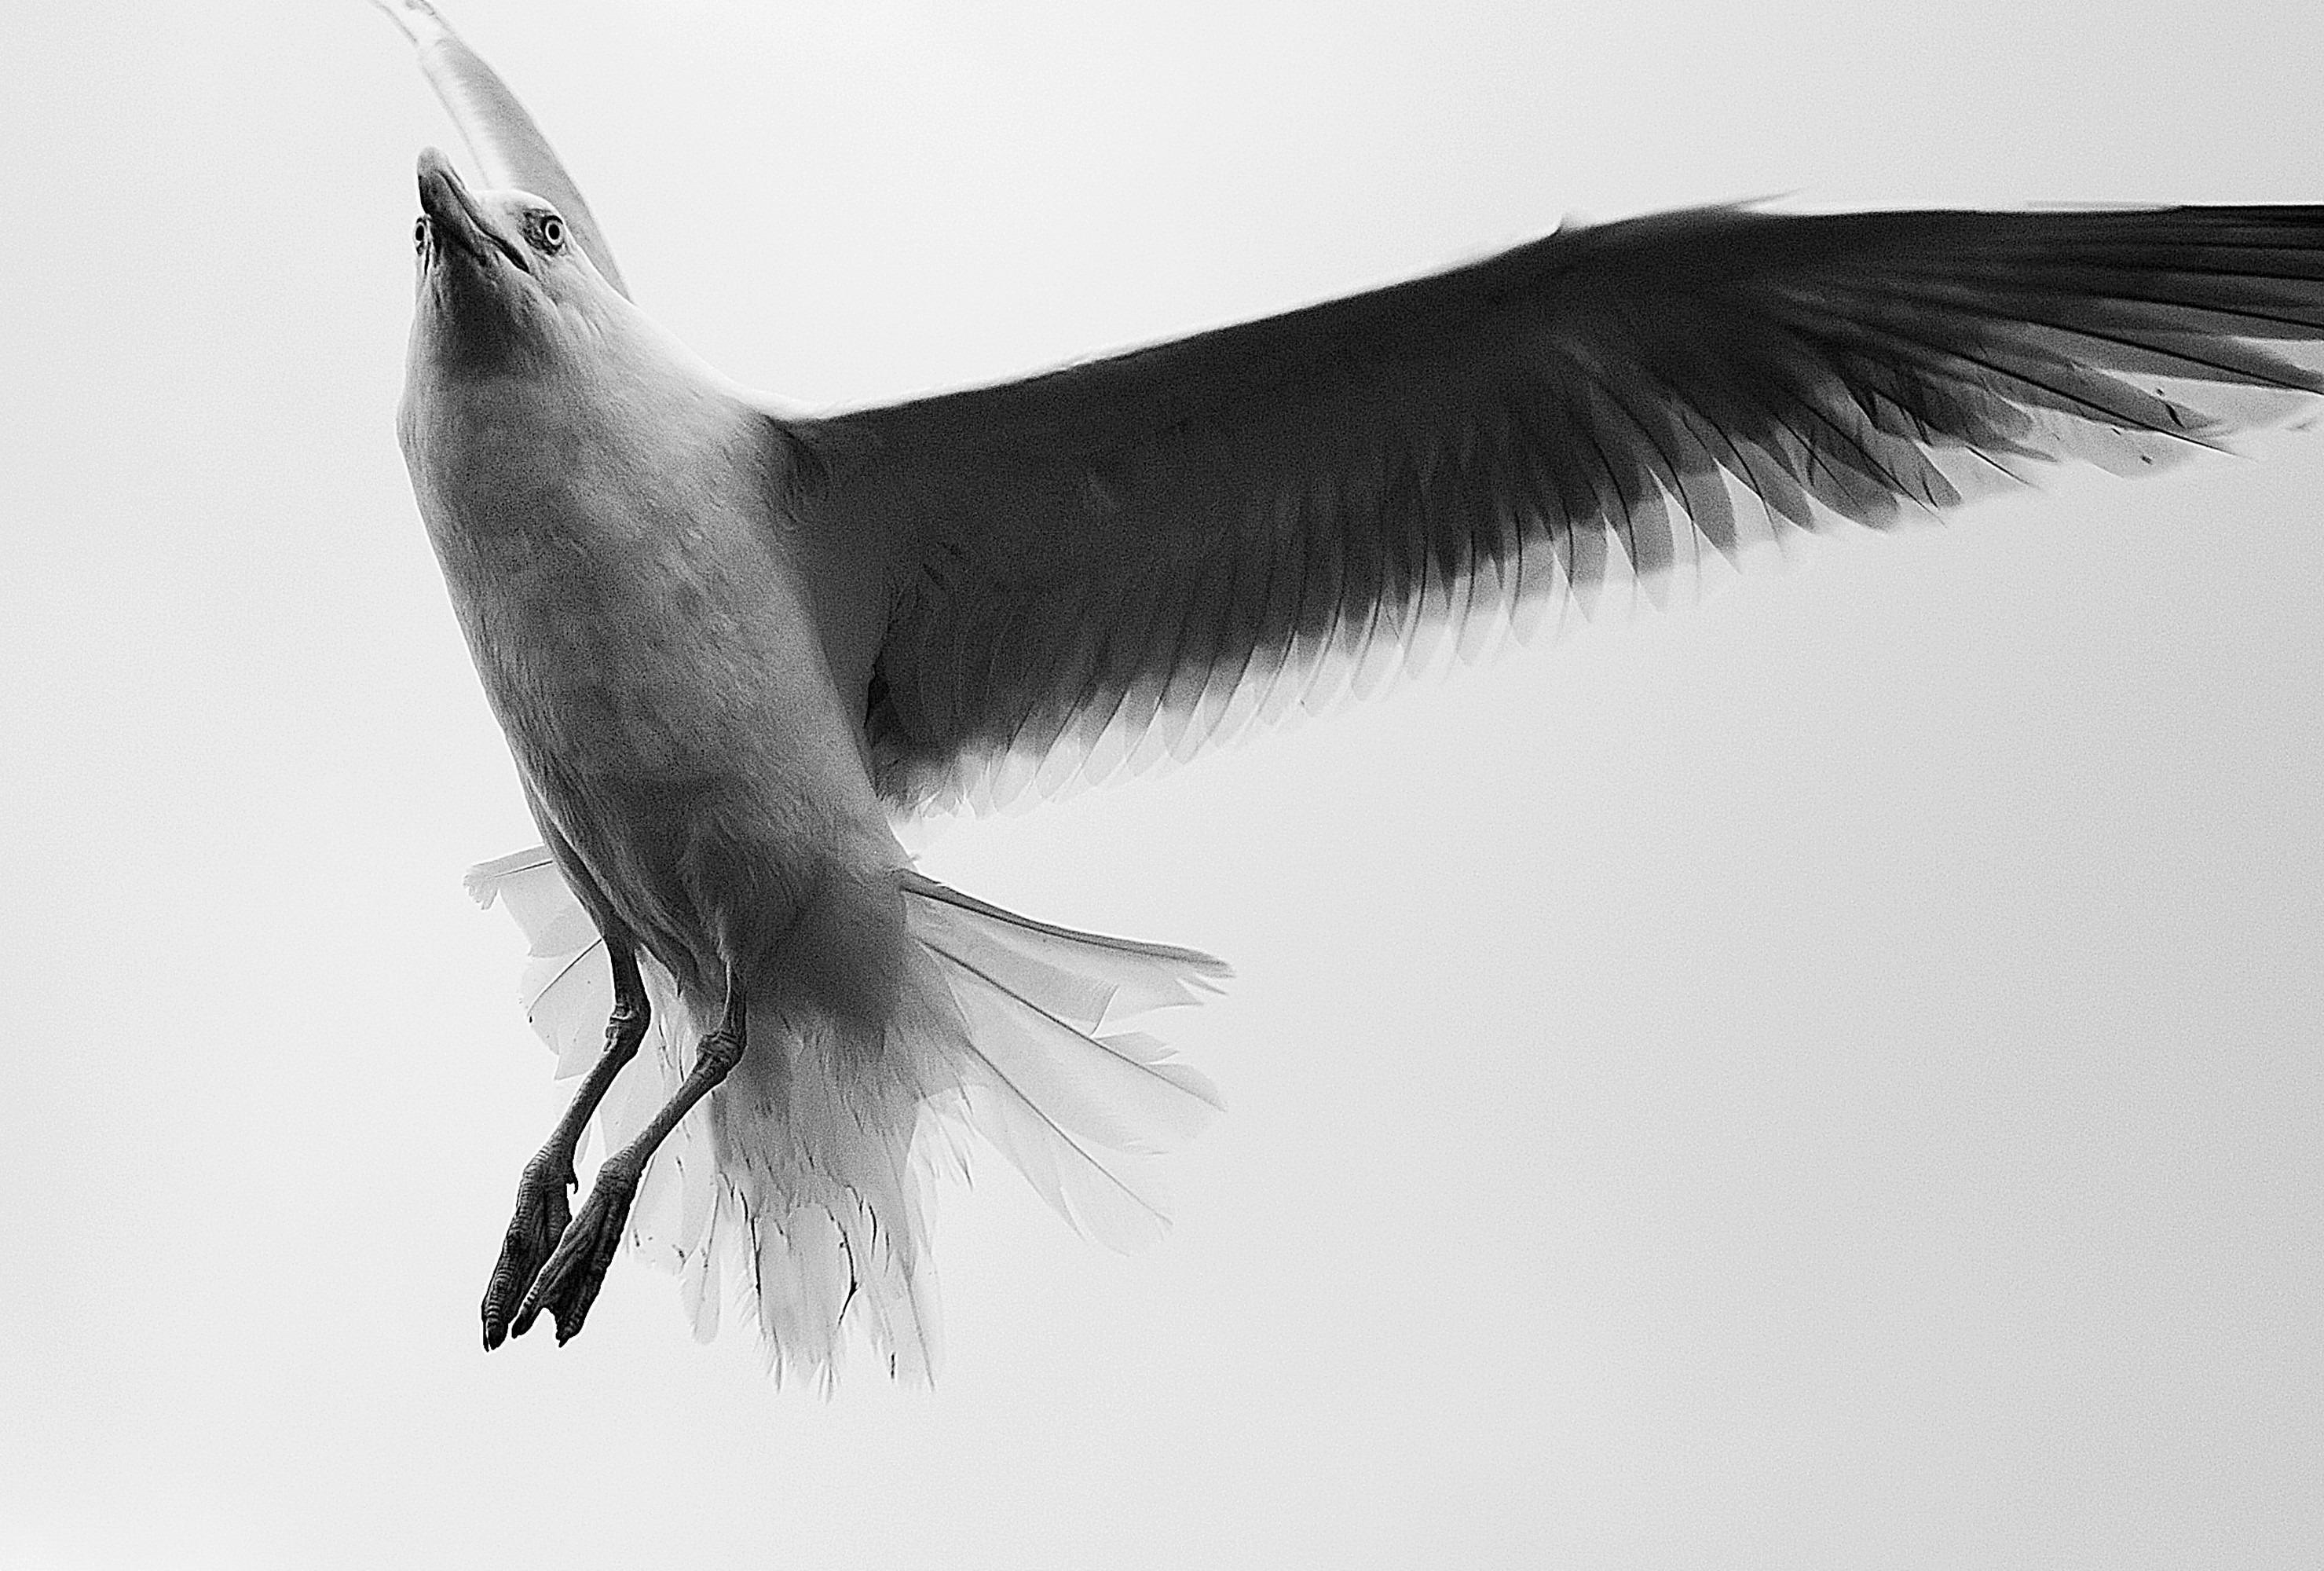 фотоснимки черно белые картинки птицы из спины авторами стояла задача